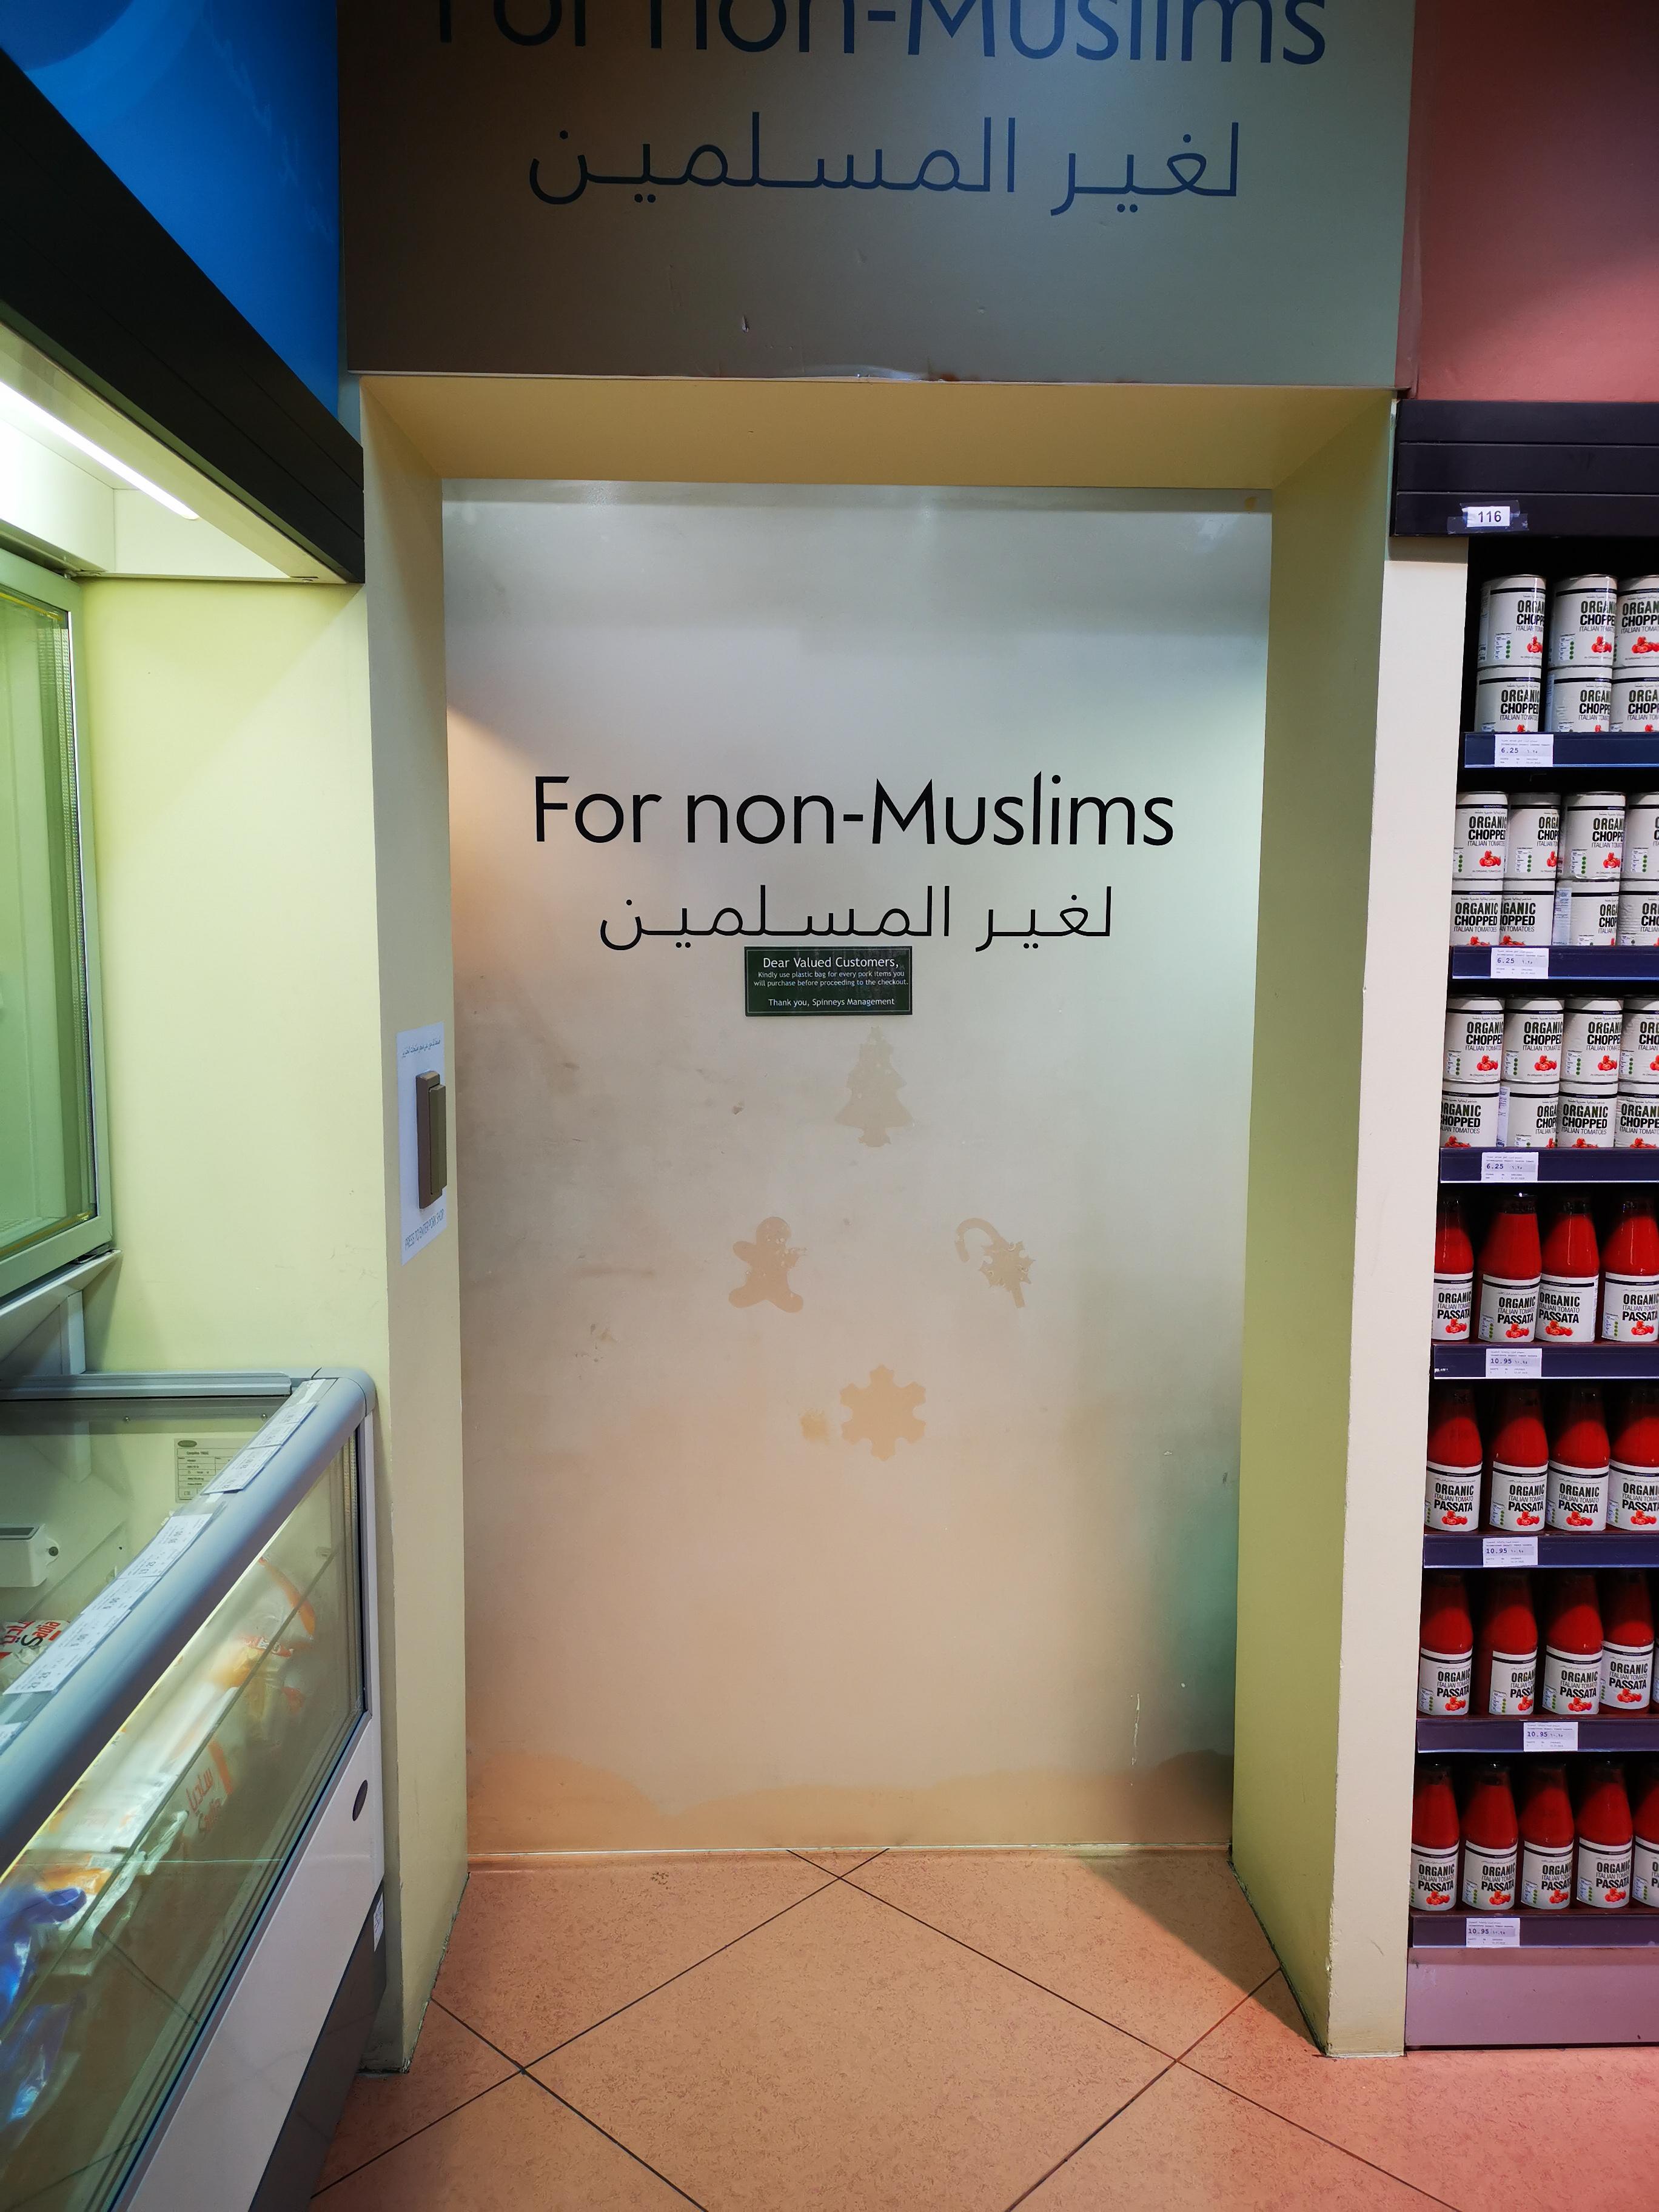 Bientôt, en France, comme à Abu Dhabi, le porc dans une pièce réservée aux  non musulmans ?